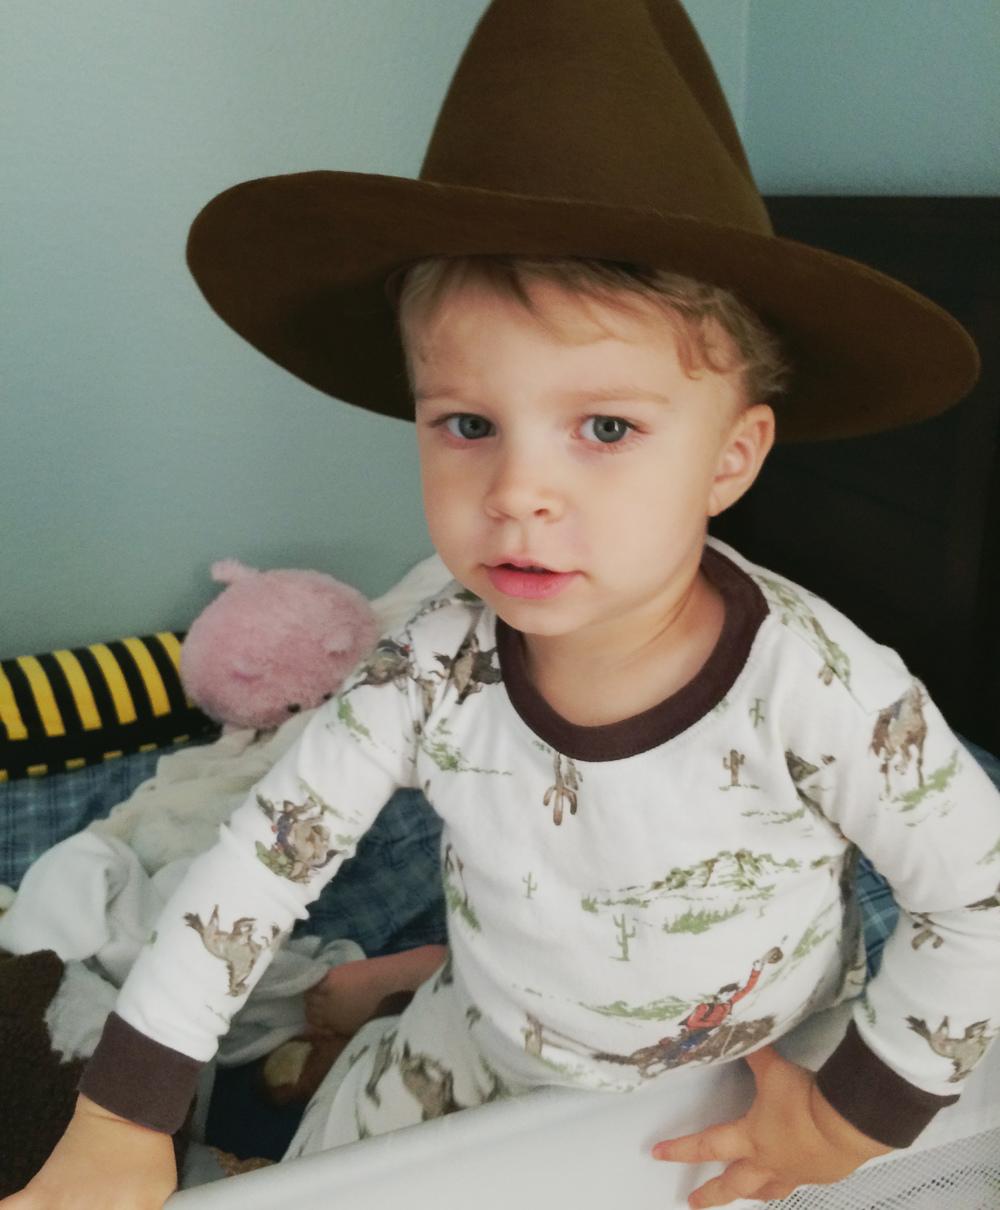 Cowboy_Saw.jpg